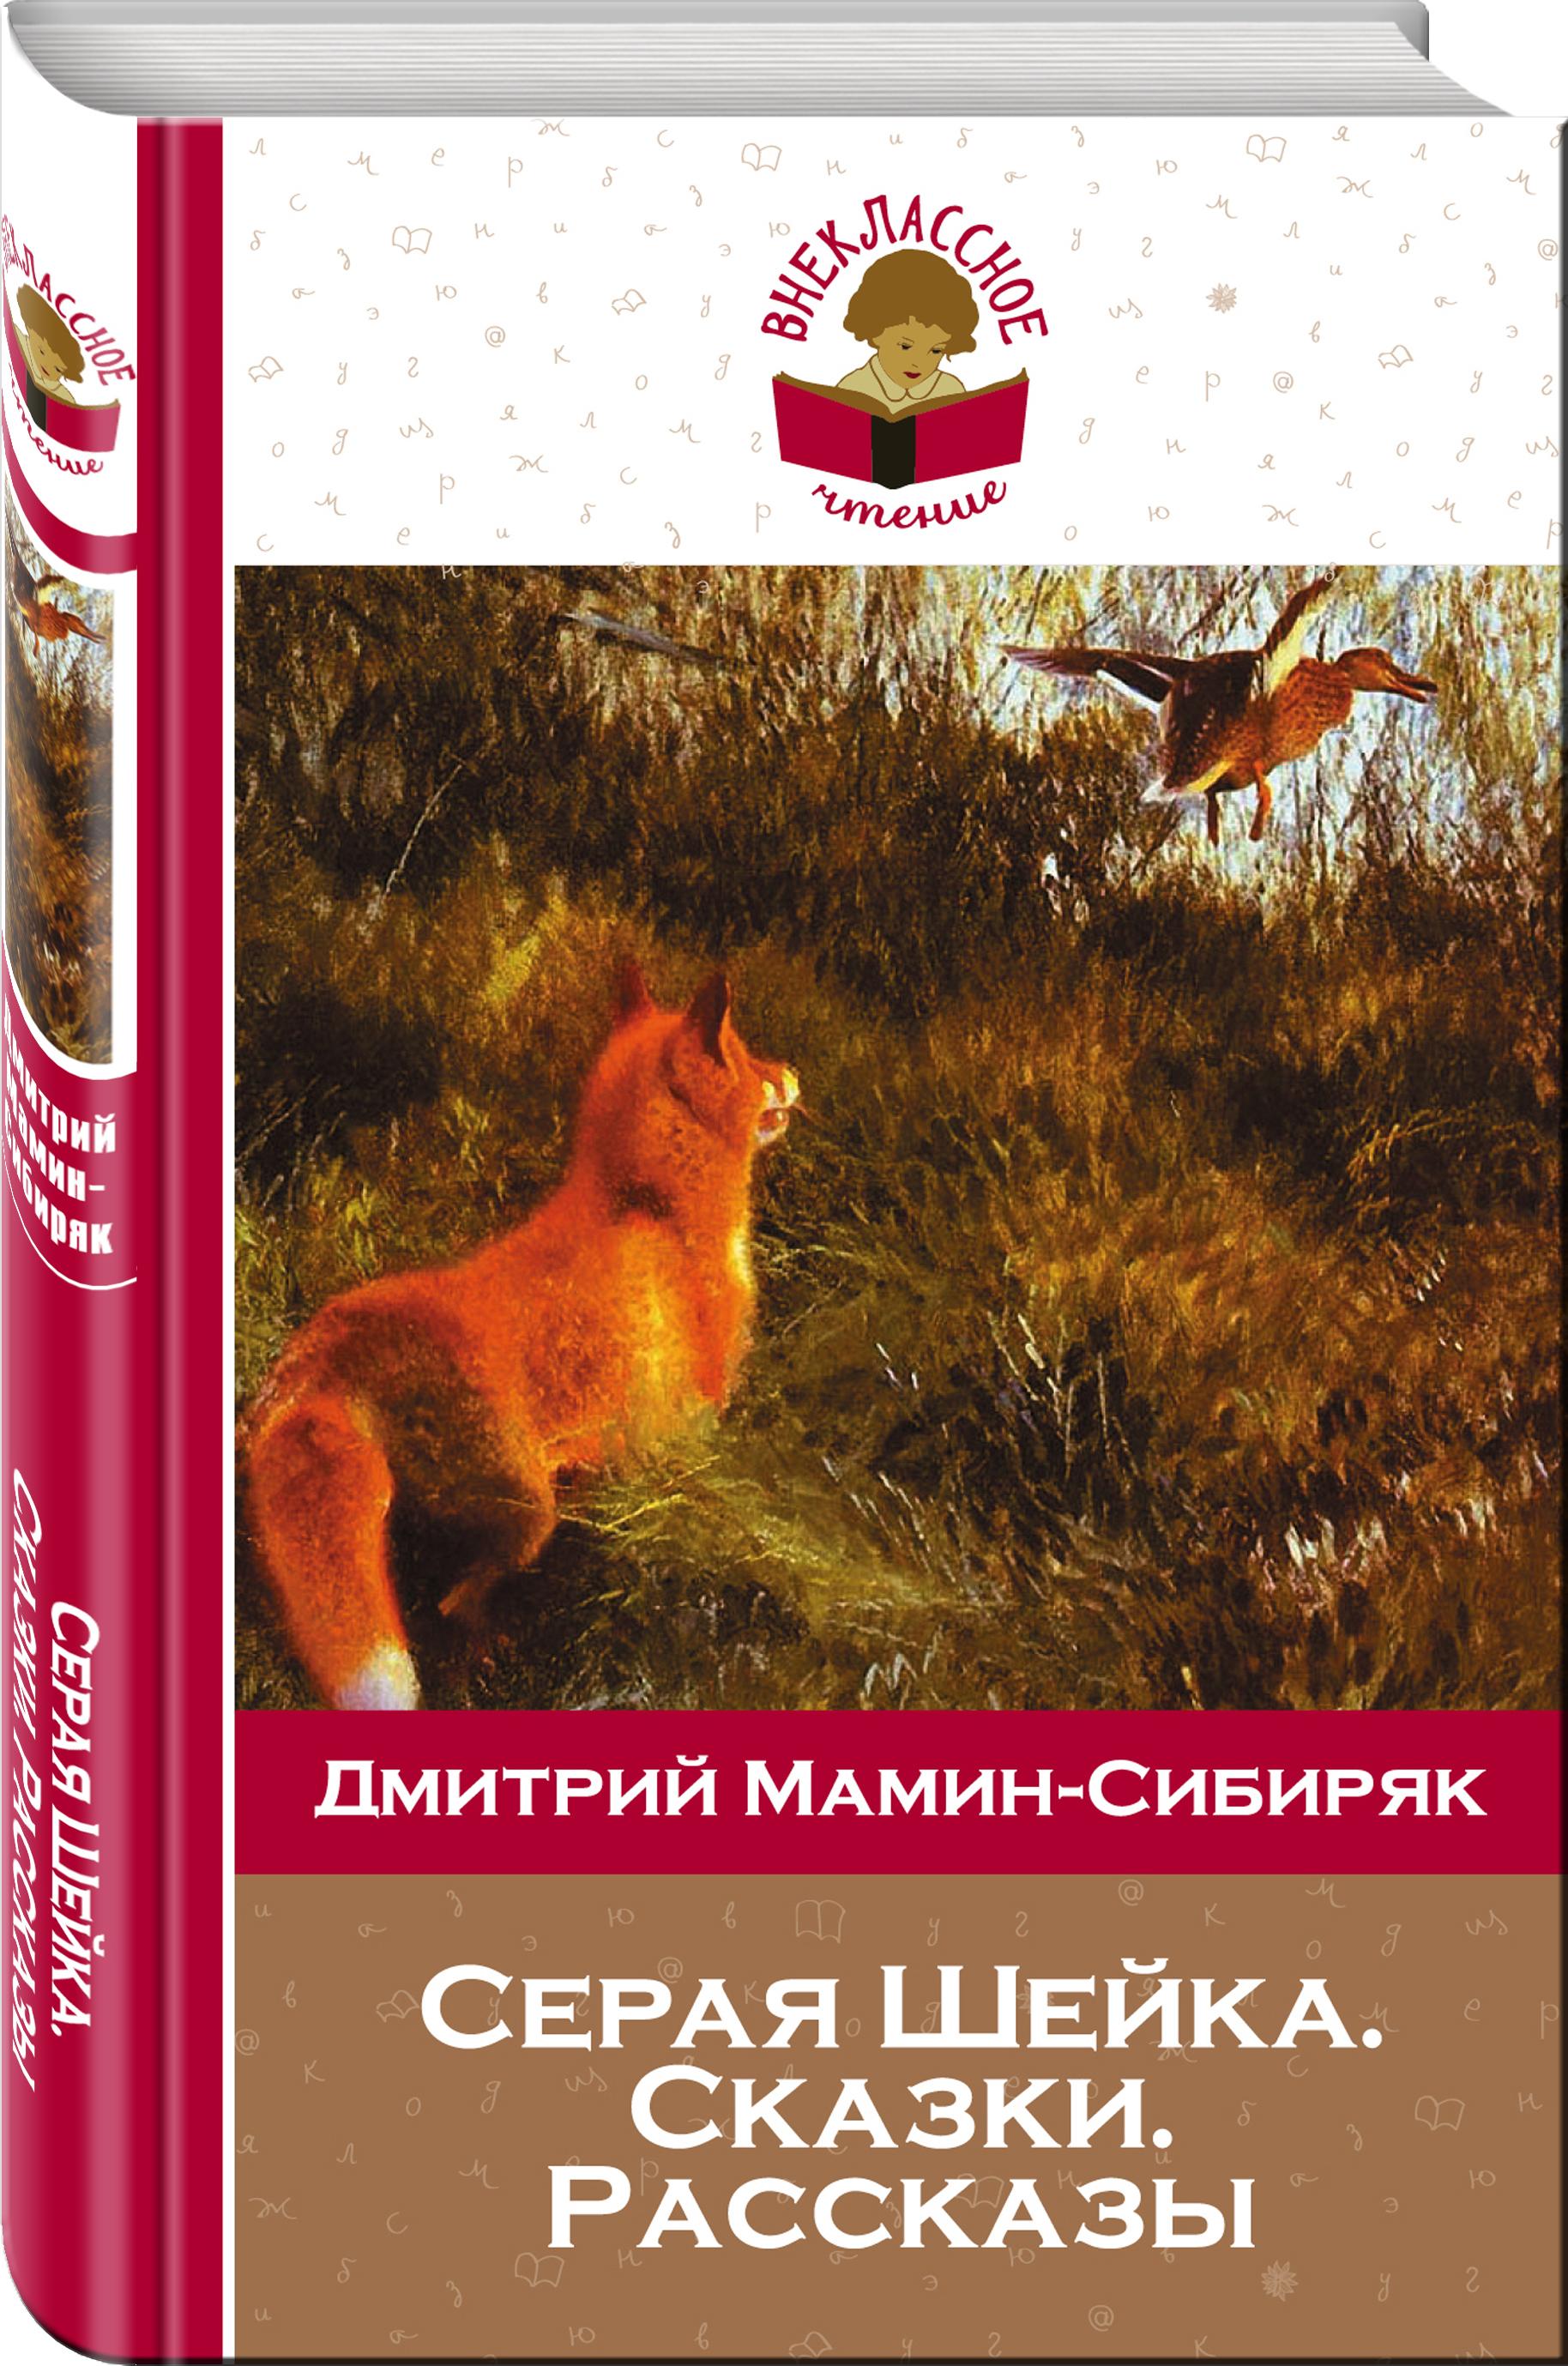 Мамин-Сибиряк Д.Н. Серая Шейка. Сказки. Рассказы апдайк д рассказы о маплах